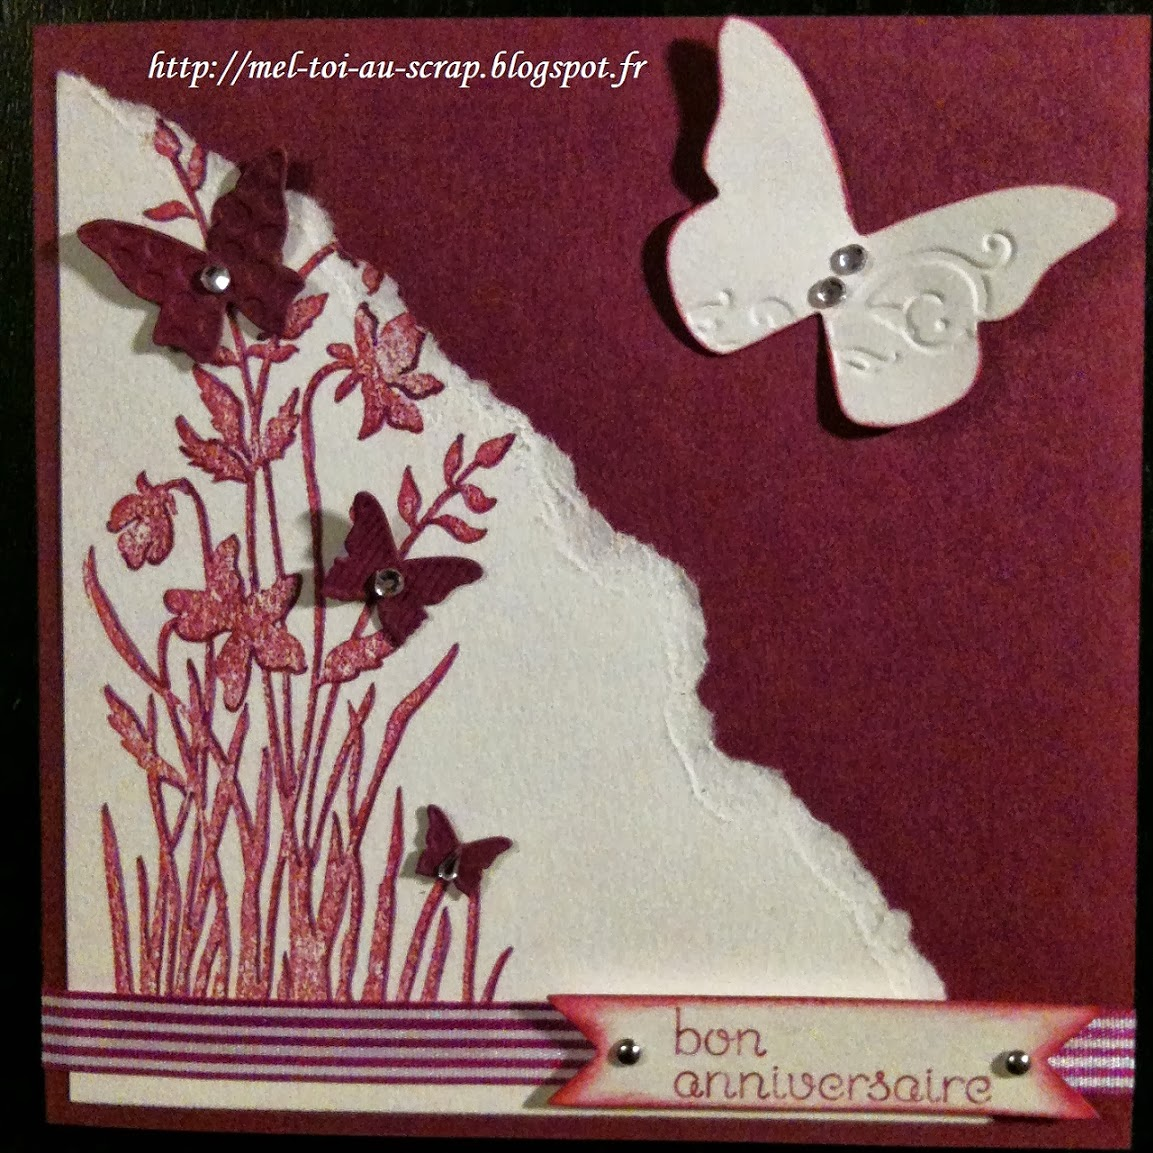 mel toi au scrap carte anniversaire papillons. Black Bedroom Furniture Sets. Home Design Ideas